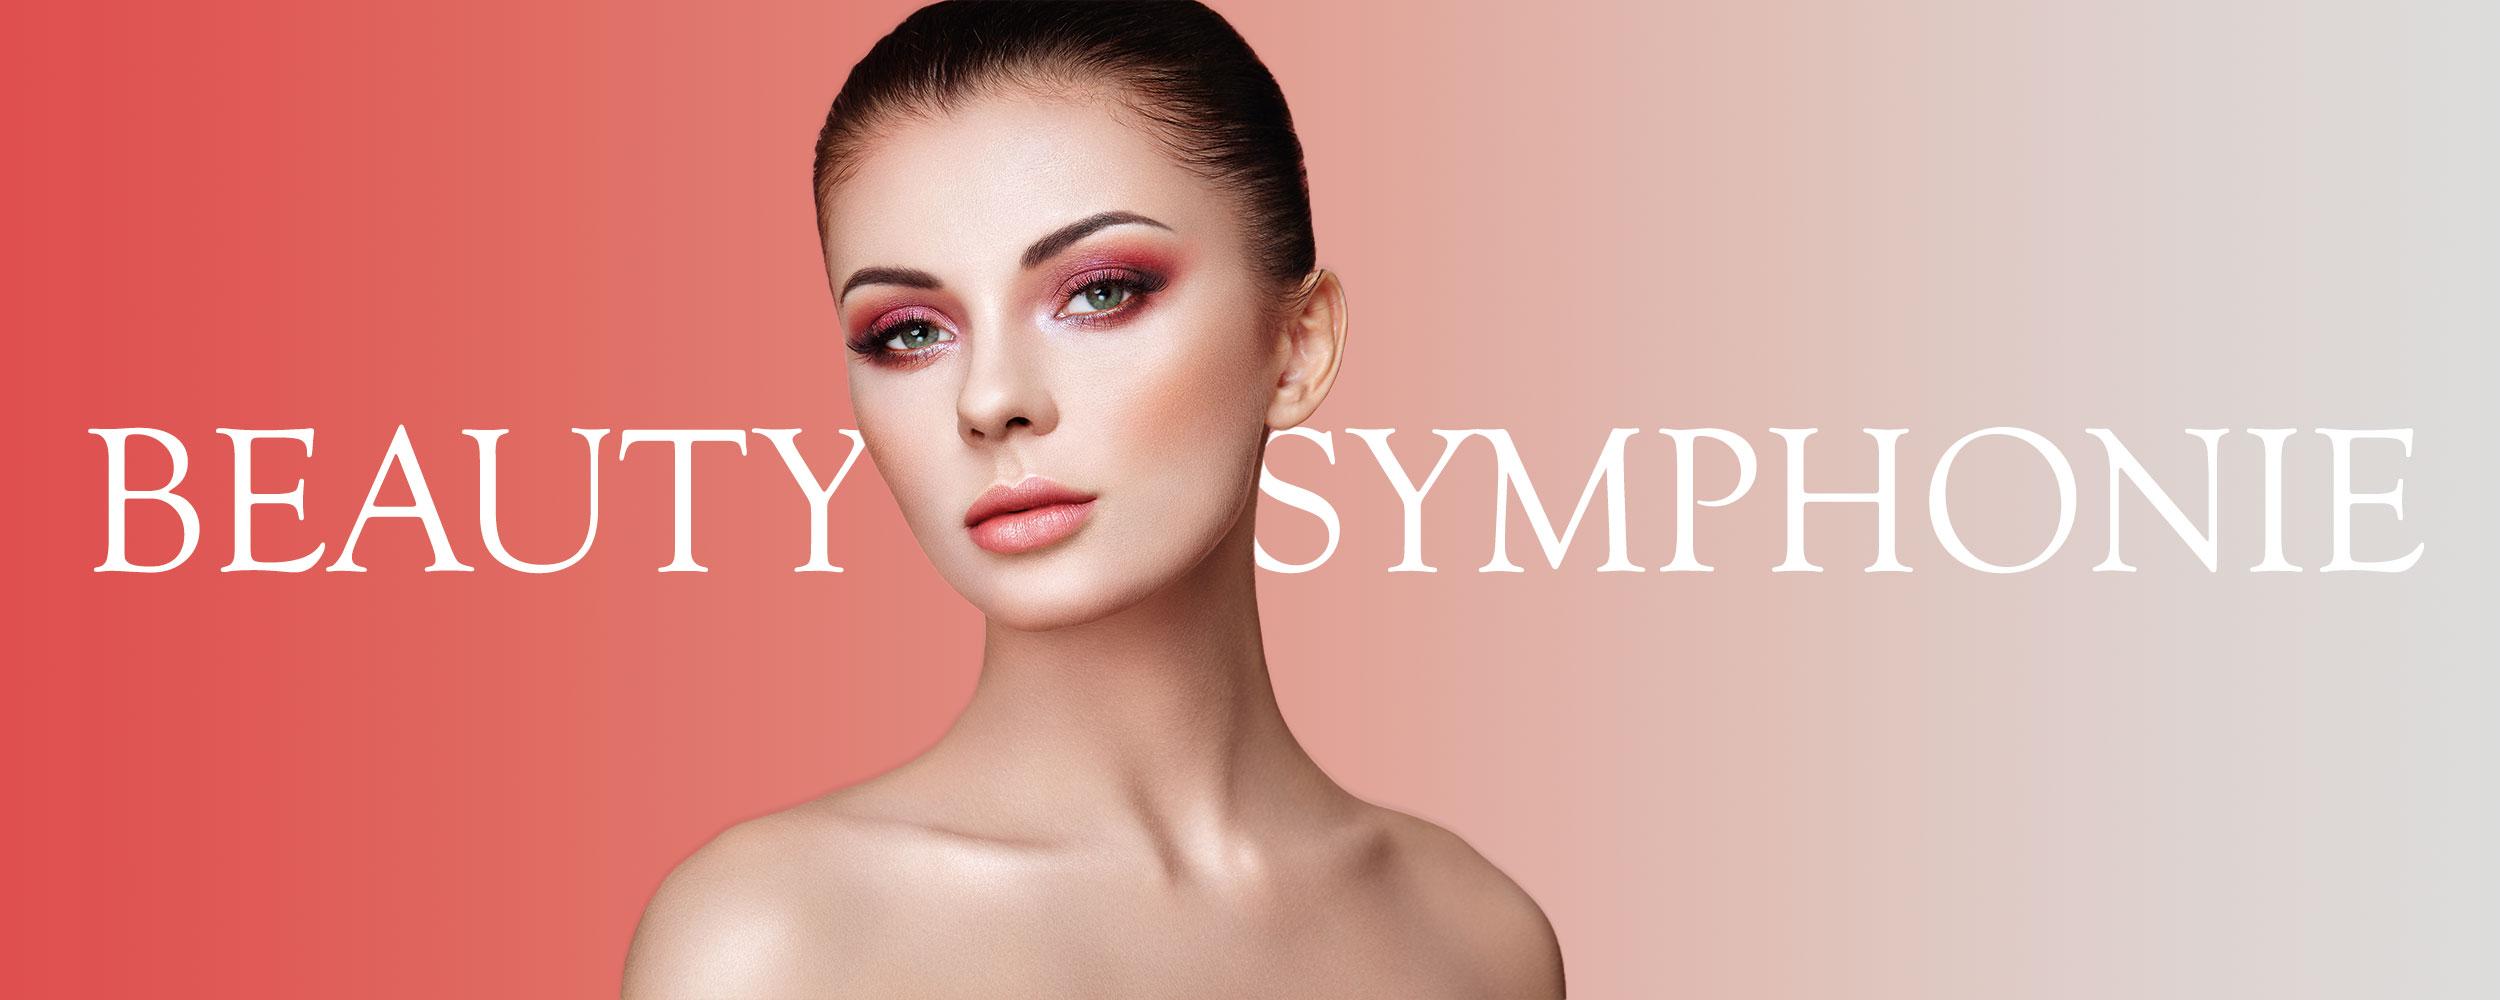 Beauty Symphonie Banner